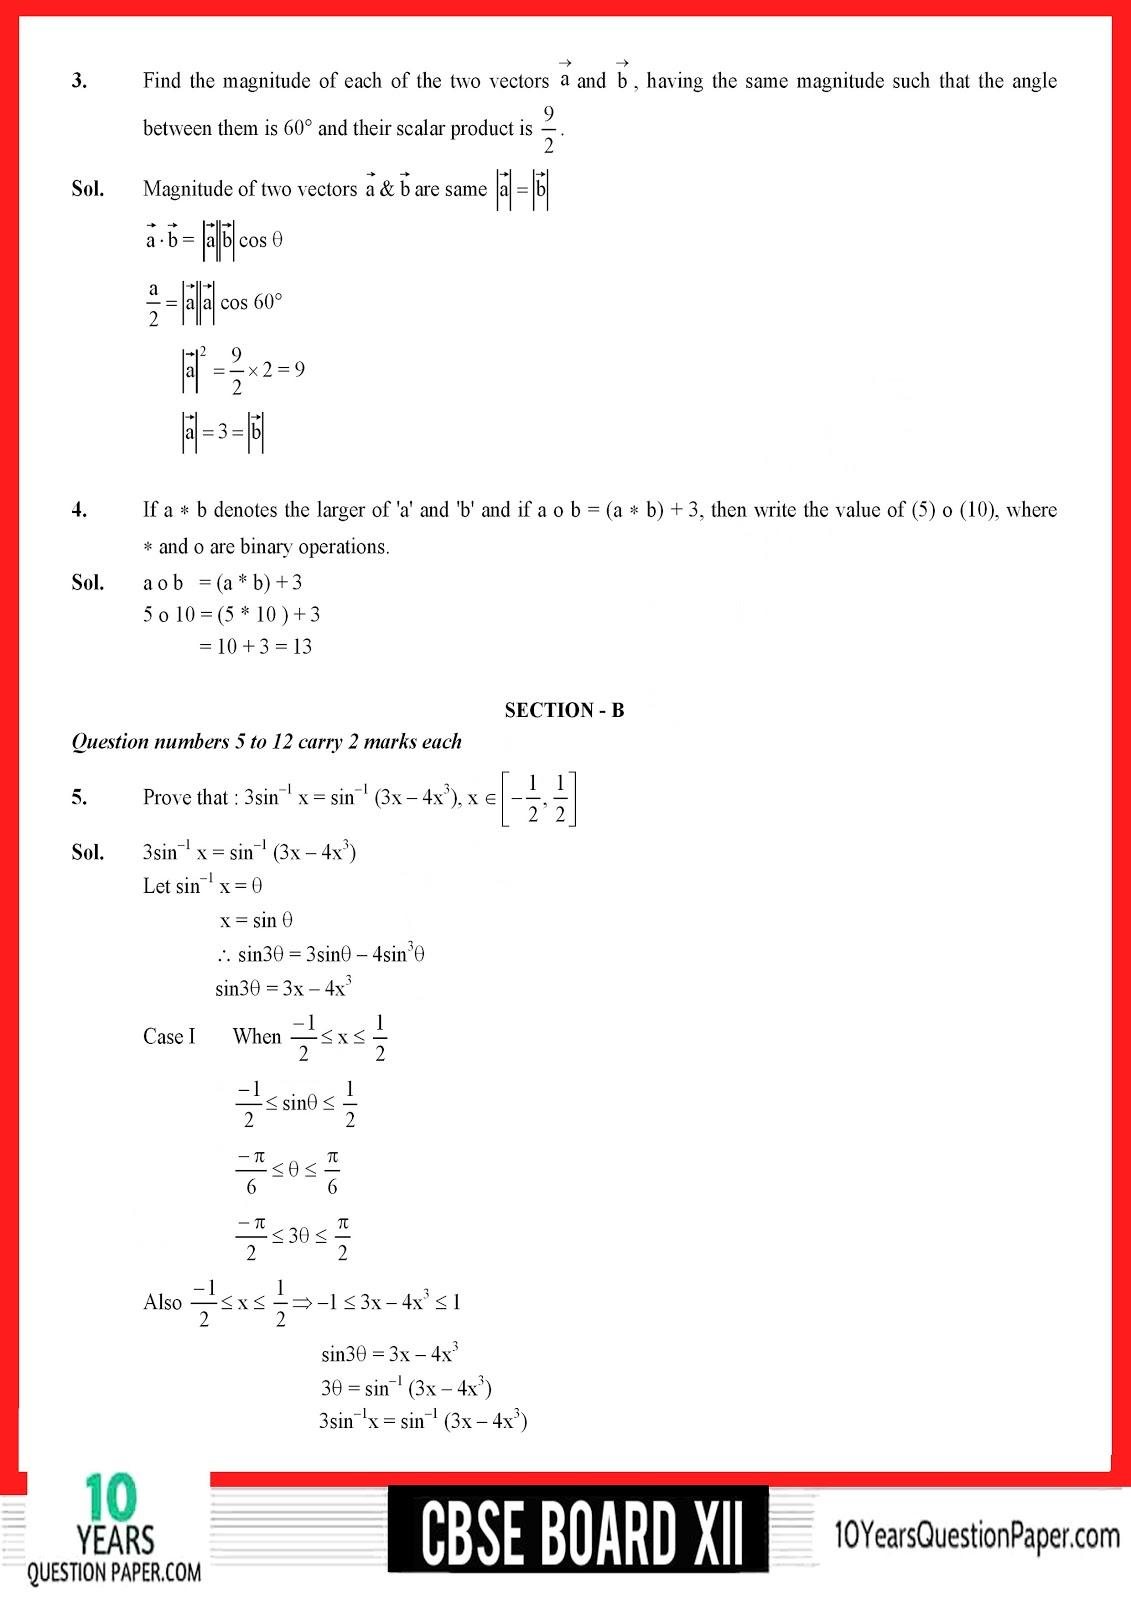 CBSE Class 12 Mathematics 2018 Solved Paper